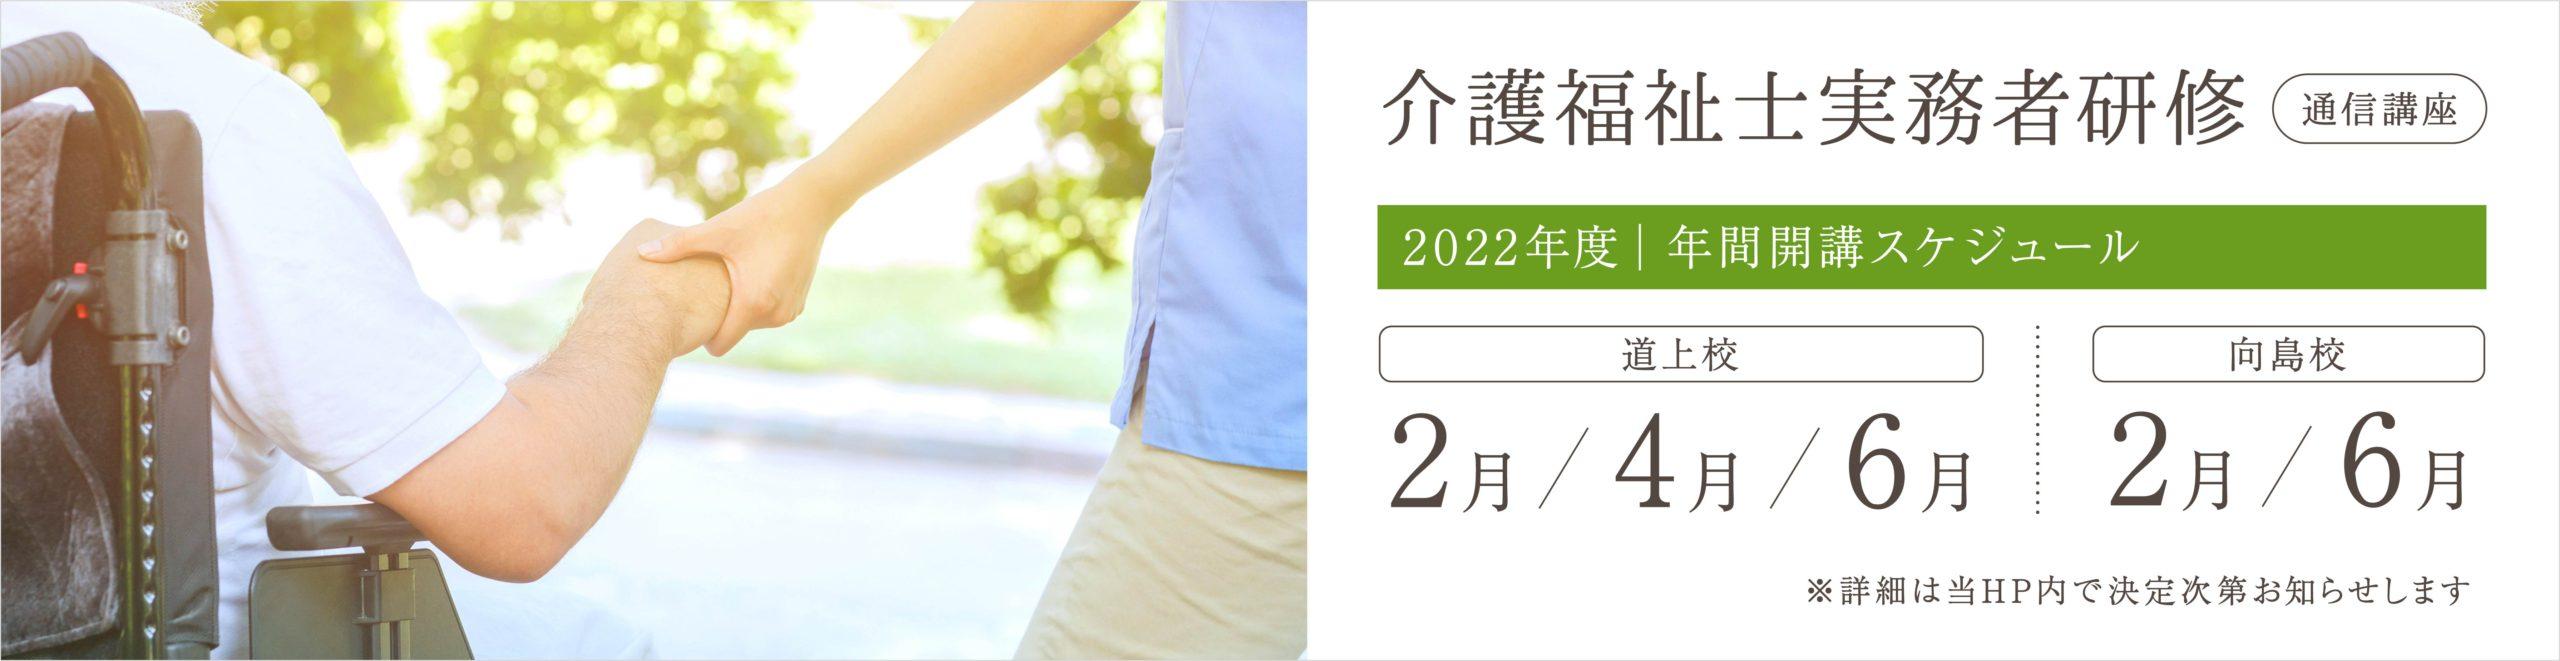 実務者研修2022年度年間スケジュール(決定版)